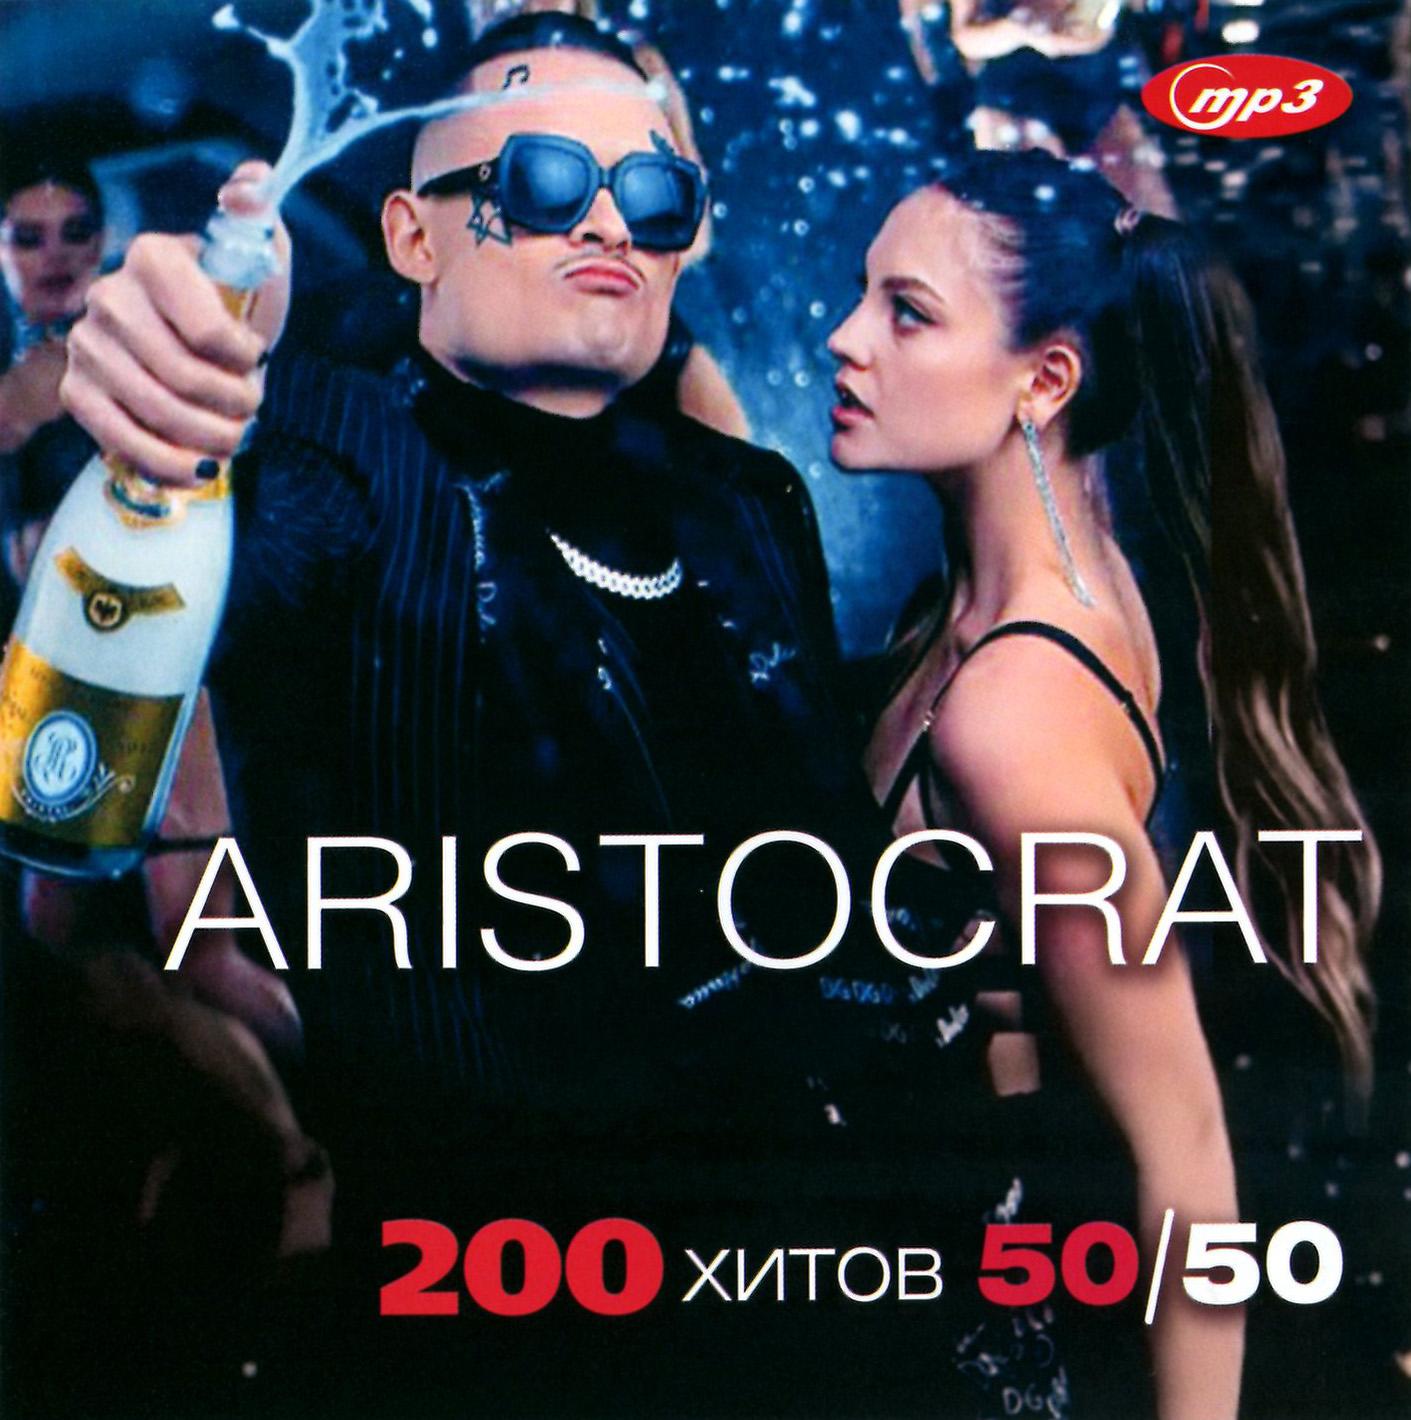 Aristocrat - 200 хитов 50x50 [mp3]